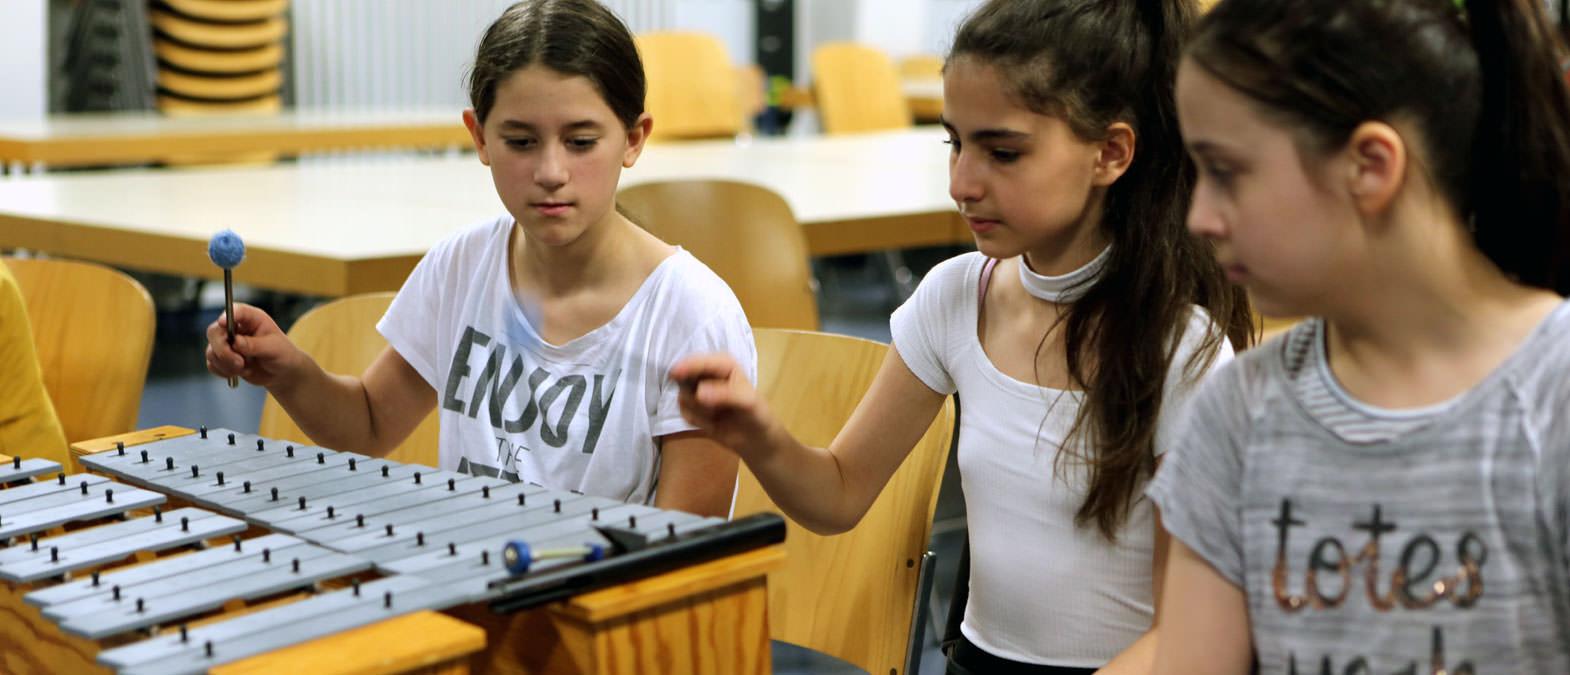 Schülerinnen der Grundschule Sandstraße musizieren - Klavier-Festival Ruhr